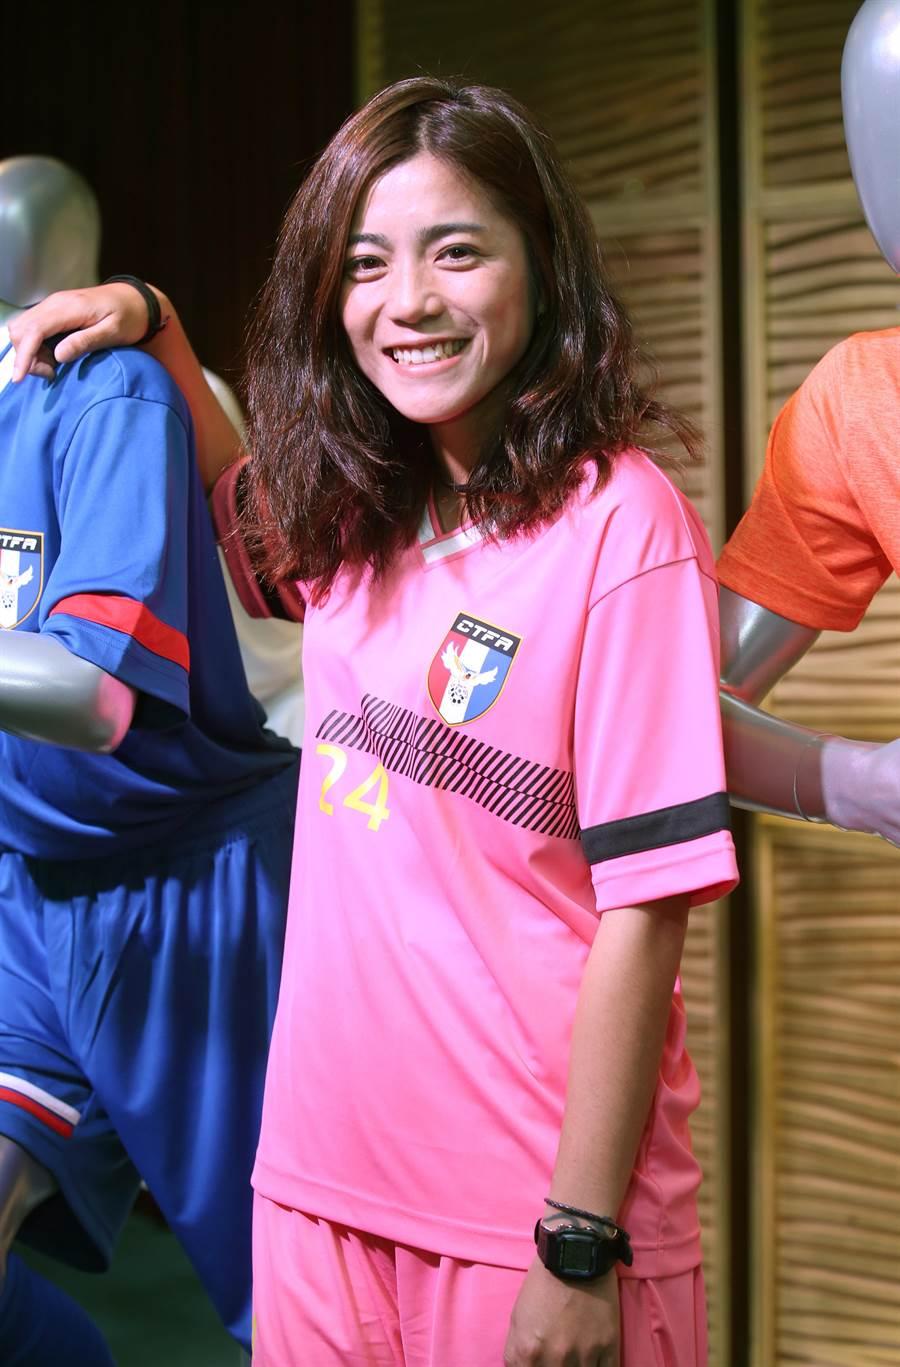 女足「甜心後衛」張愫心在記者會穿出的粉紅色球衣,最後由中華男足率先穿著出賽。(資料照片/姚志平攝)